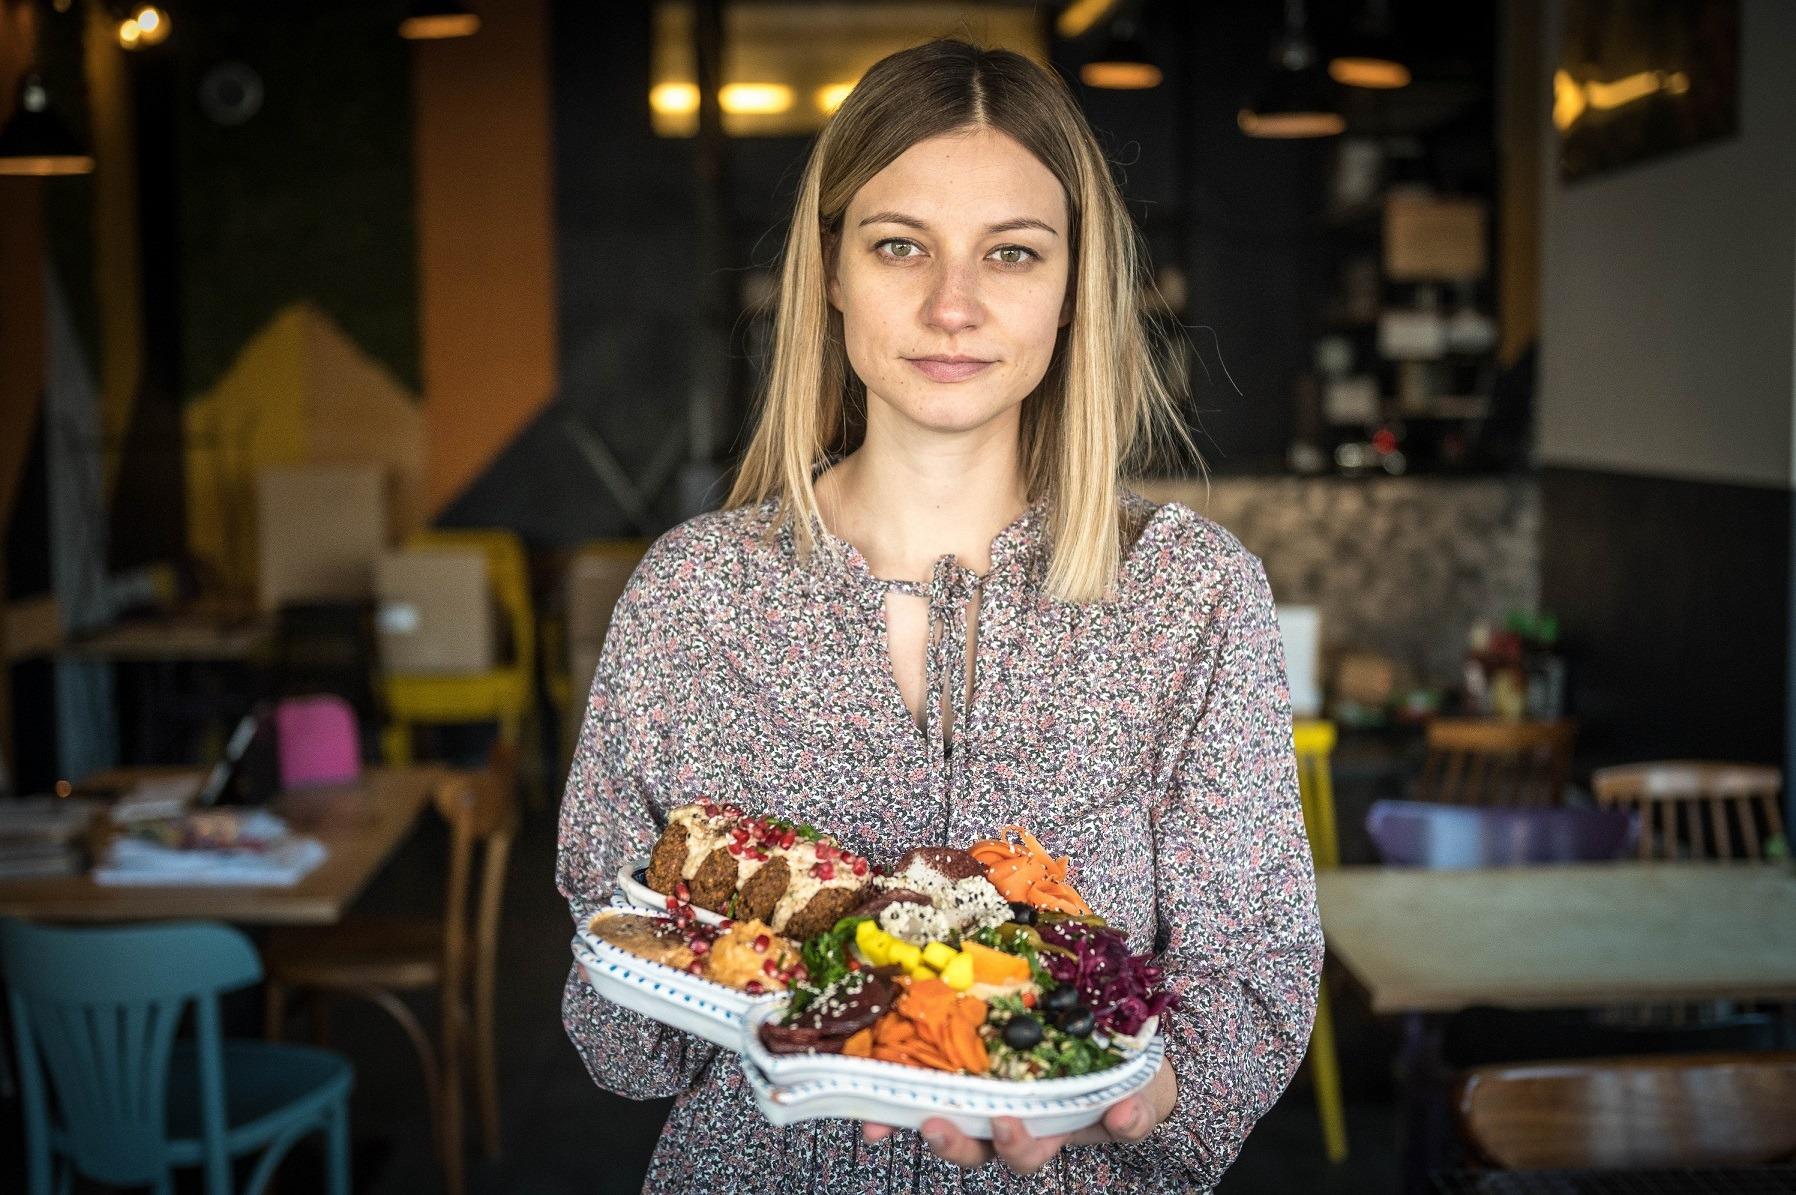 weganskie restauracje Gdansk i Gdynia 12 - Nie tylko dla wegan. Nasze ulubione wegańskie restauracje w Gdańsku i Gdyni